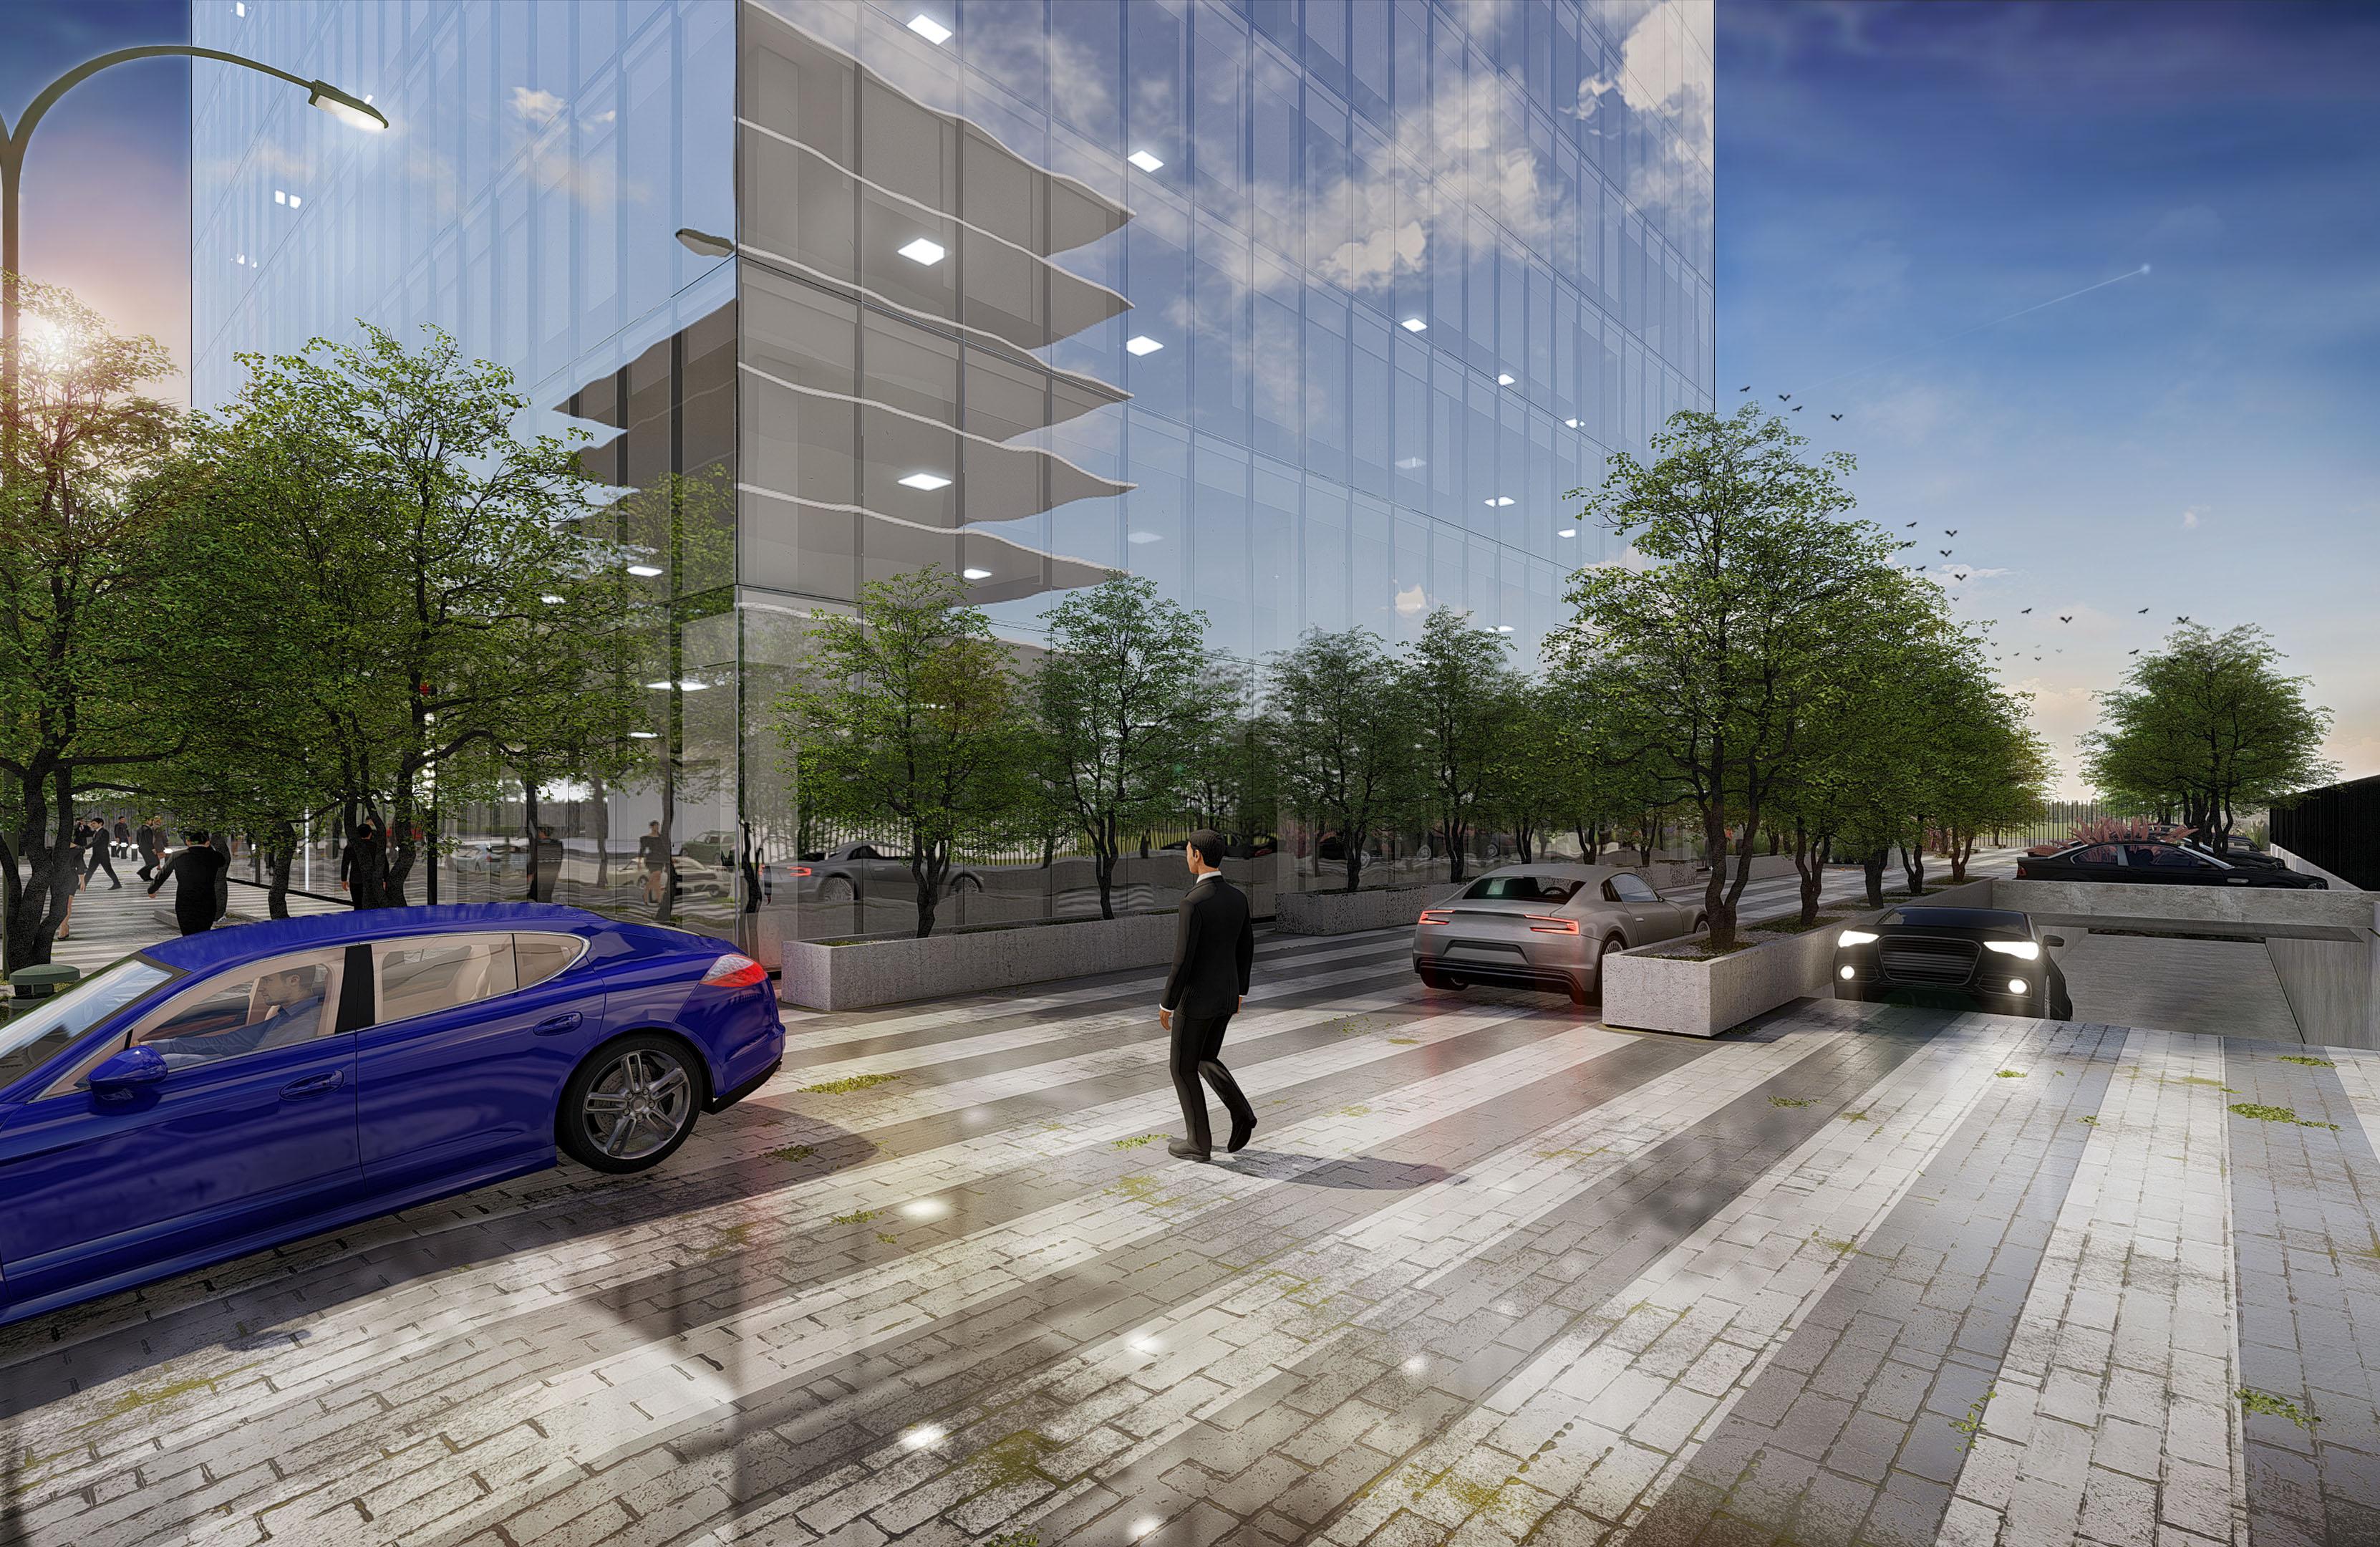 9 plaza calle y estacionamiento de planta baja